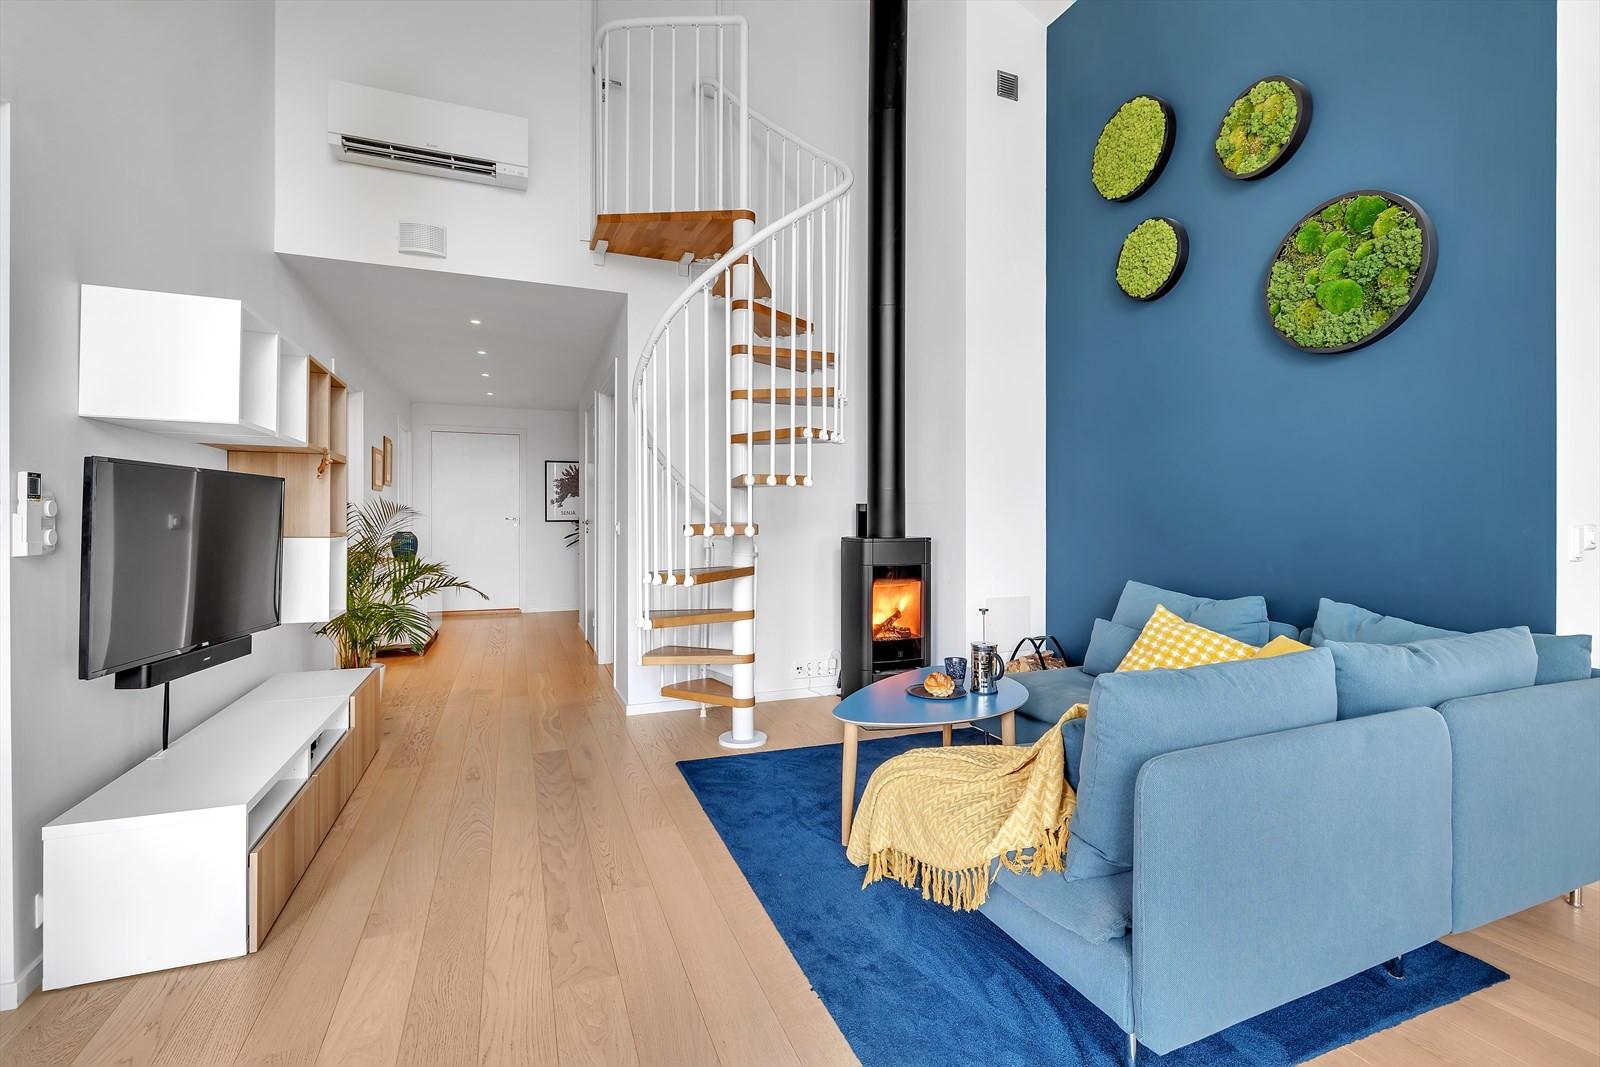 Arkitektonisk og stilig innredet. Trapp opp til romslig loftsstue.